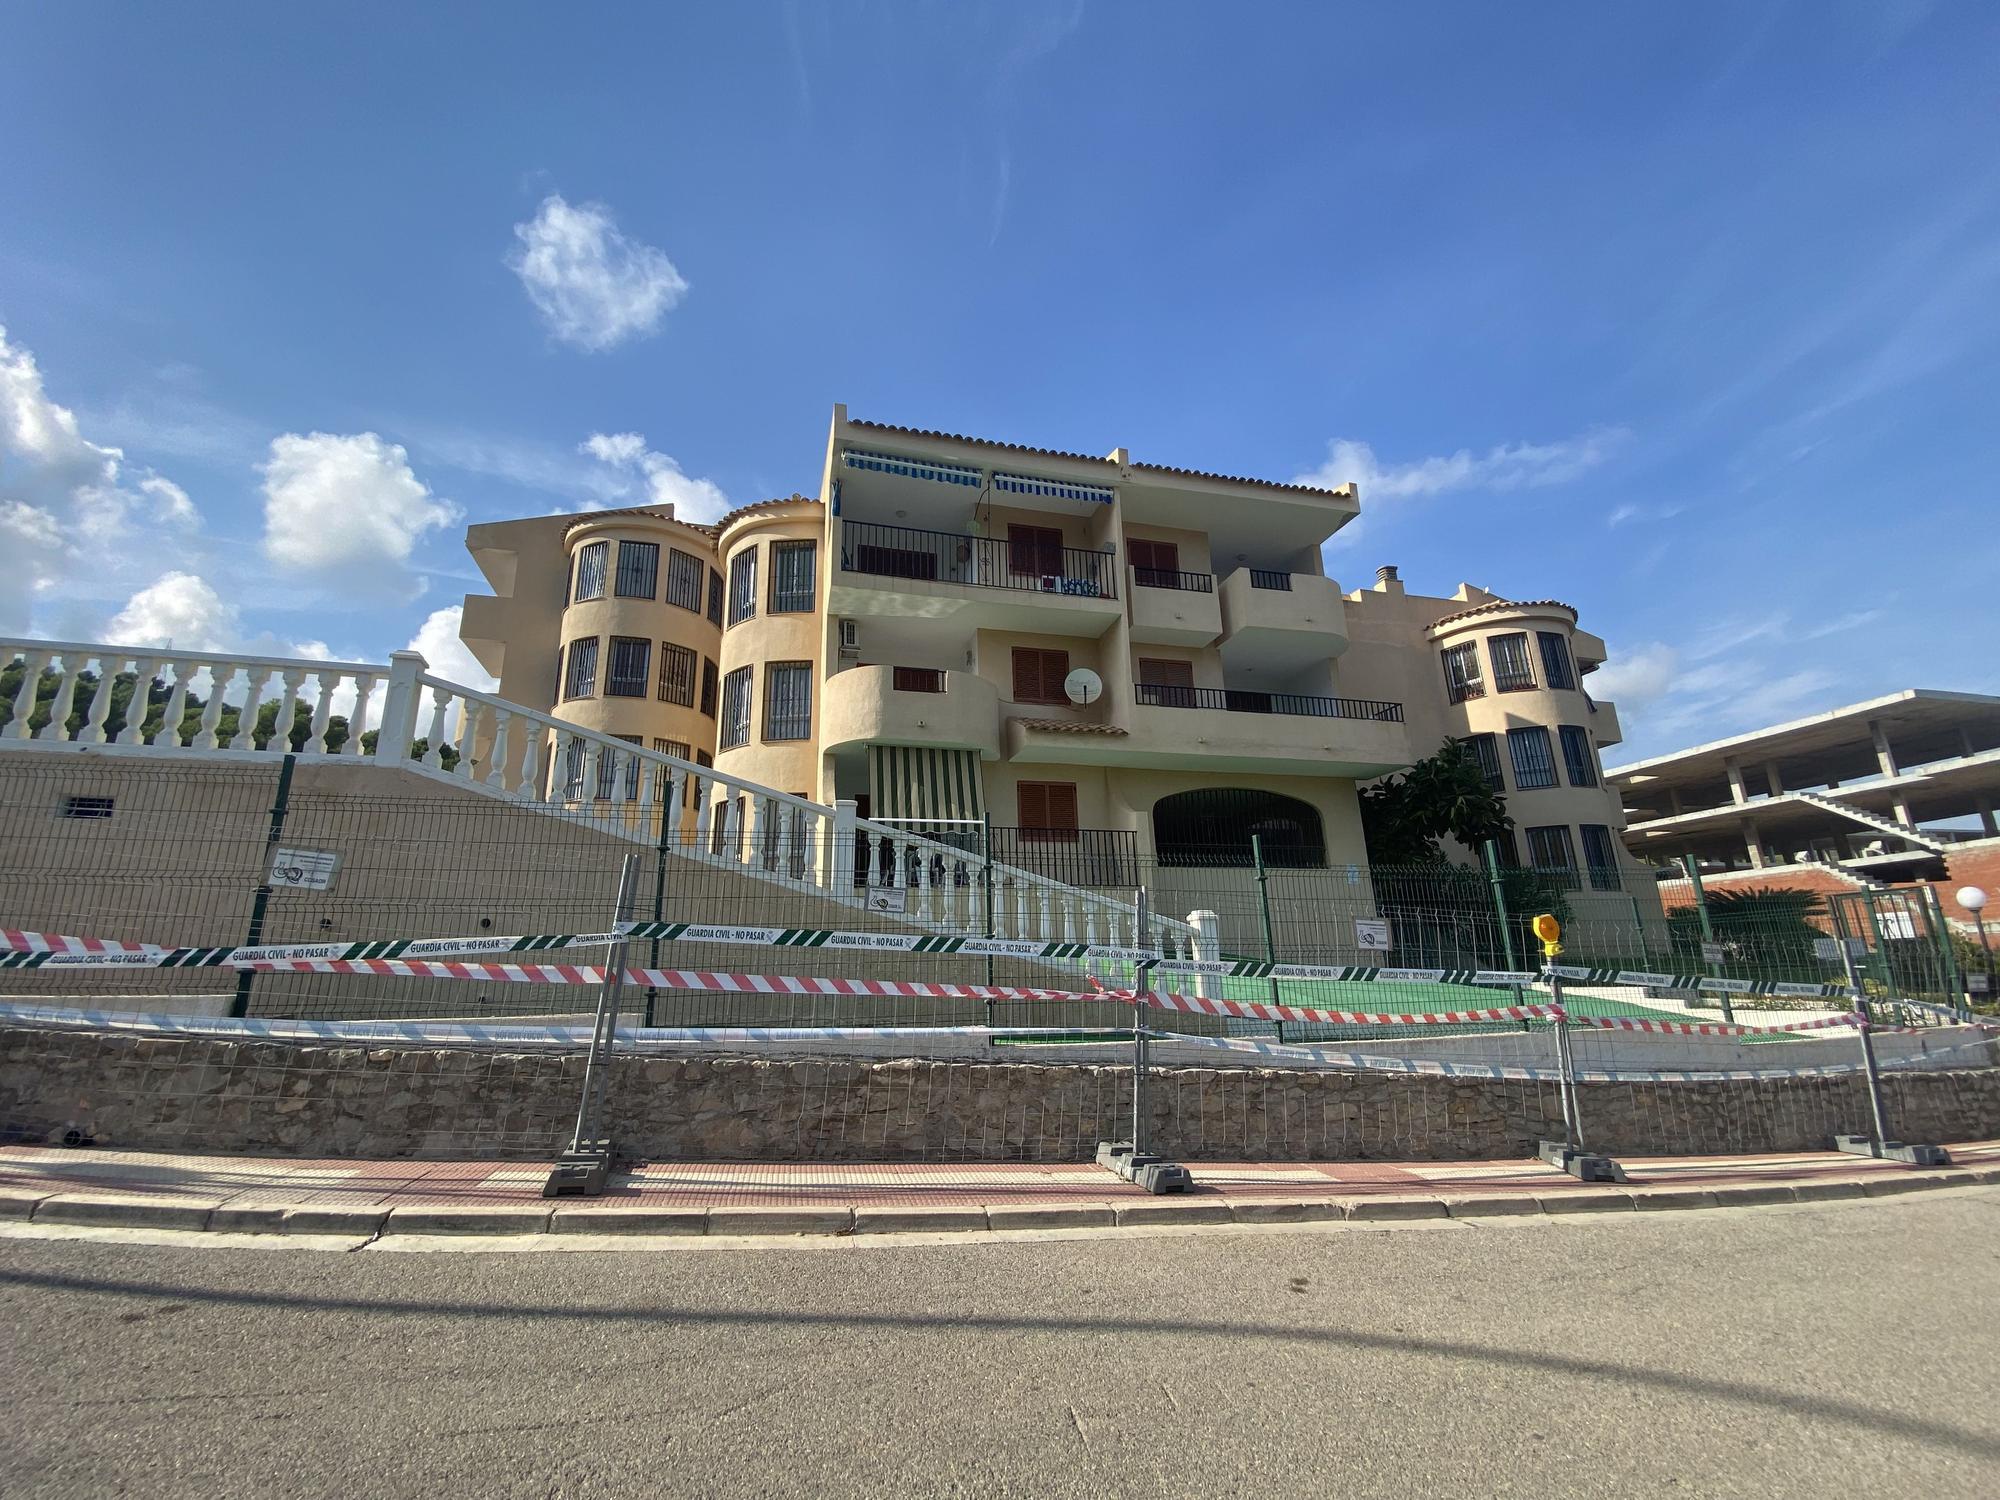 Inician la demolición y desescombro del edificio derrumbado en Peñíscola